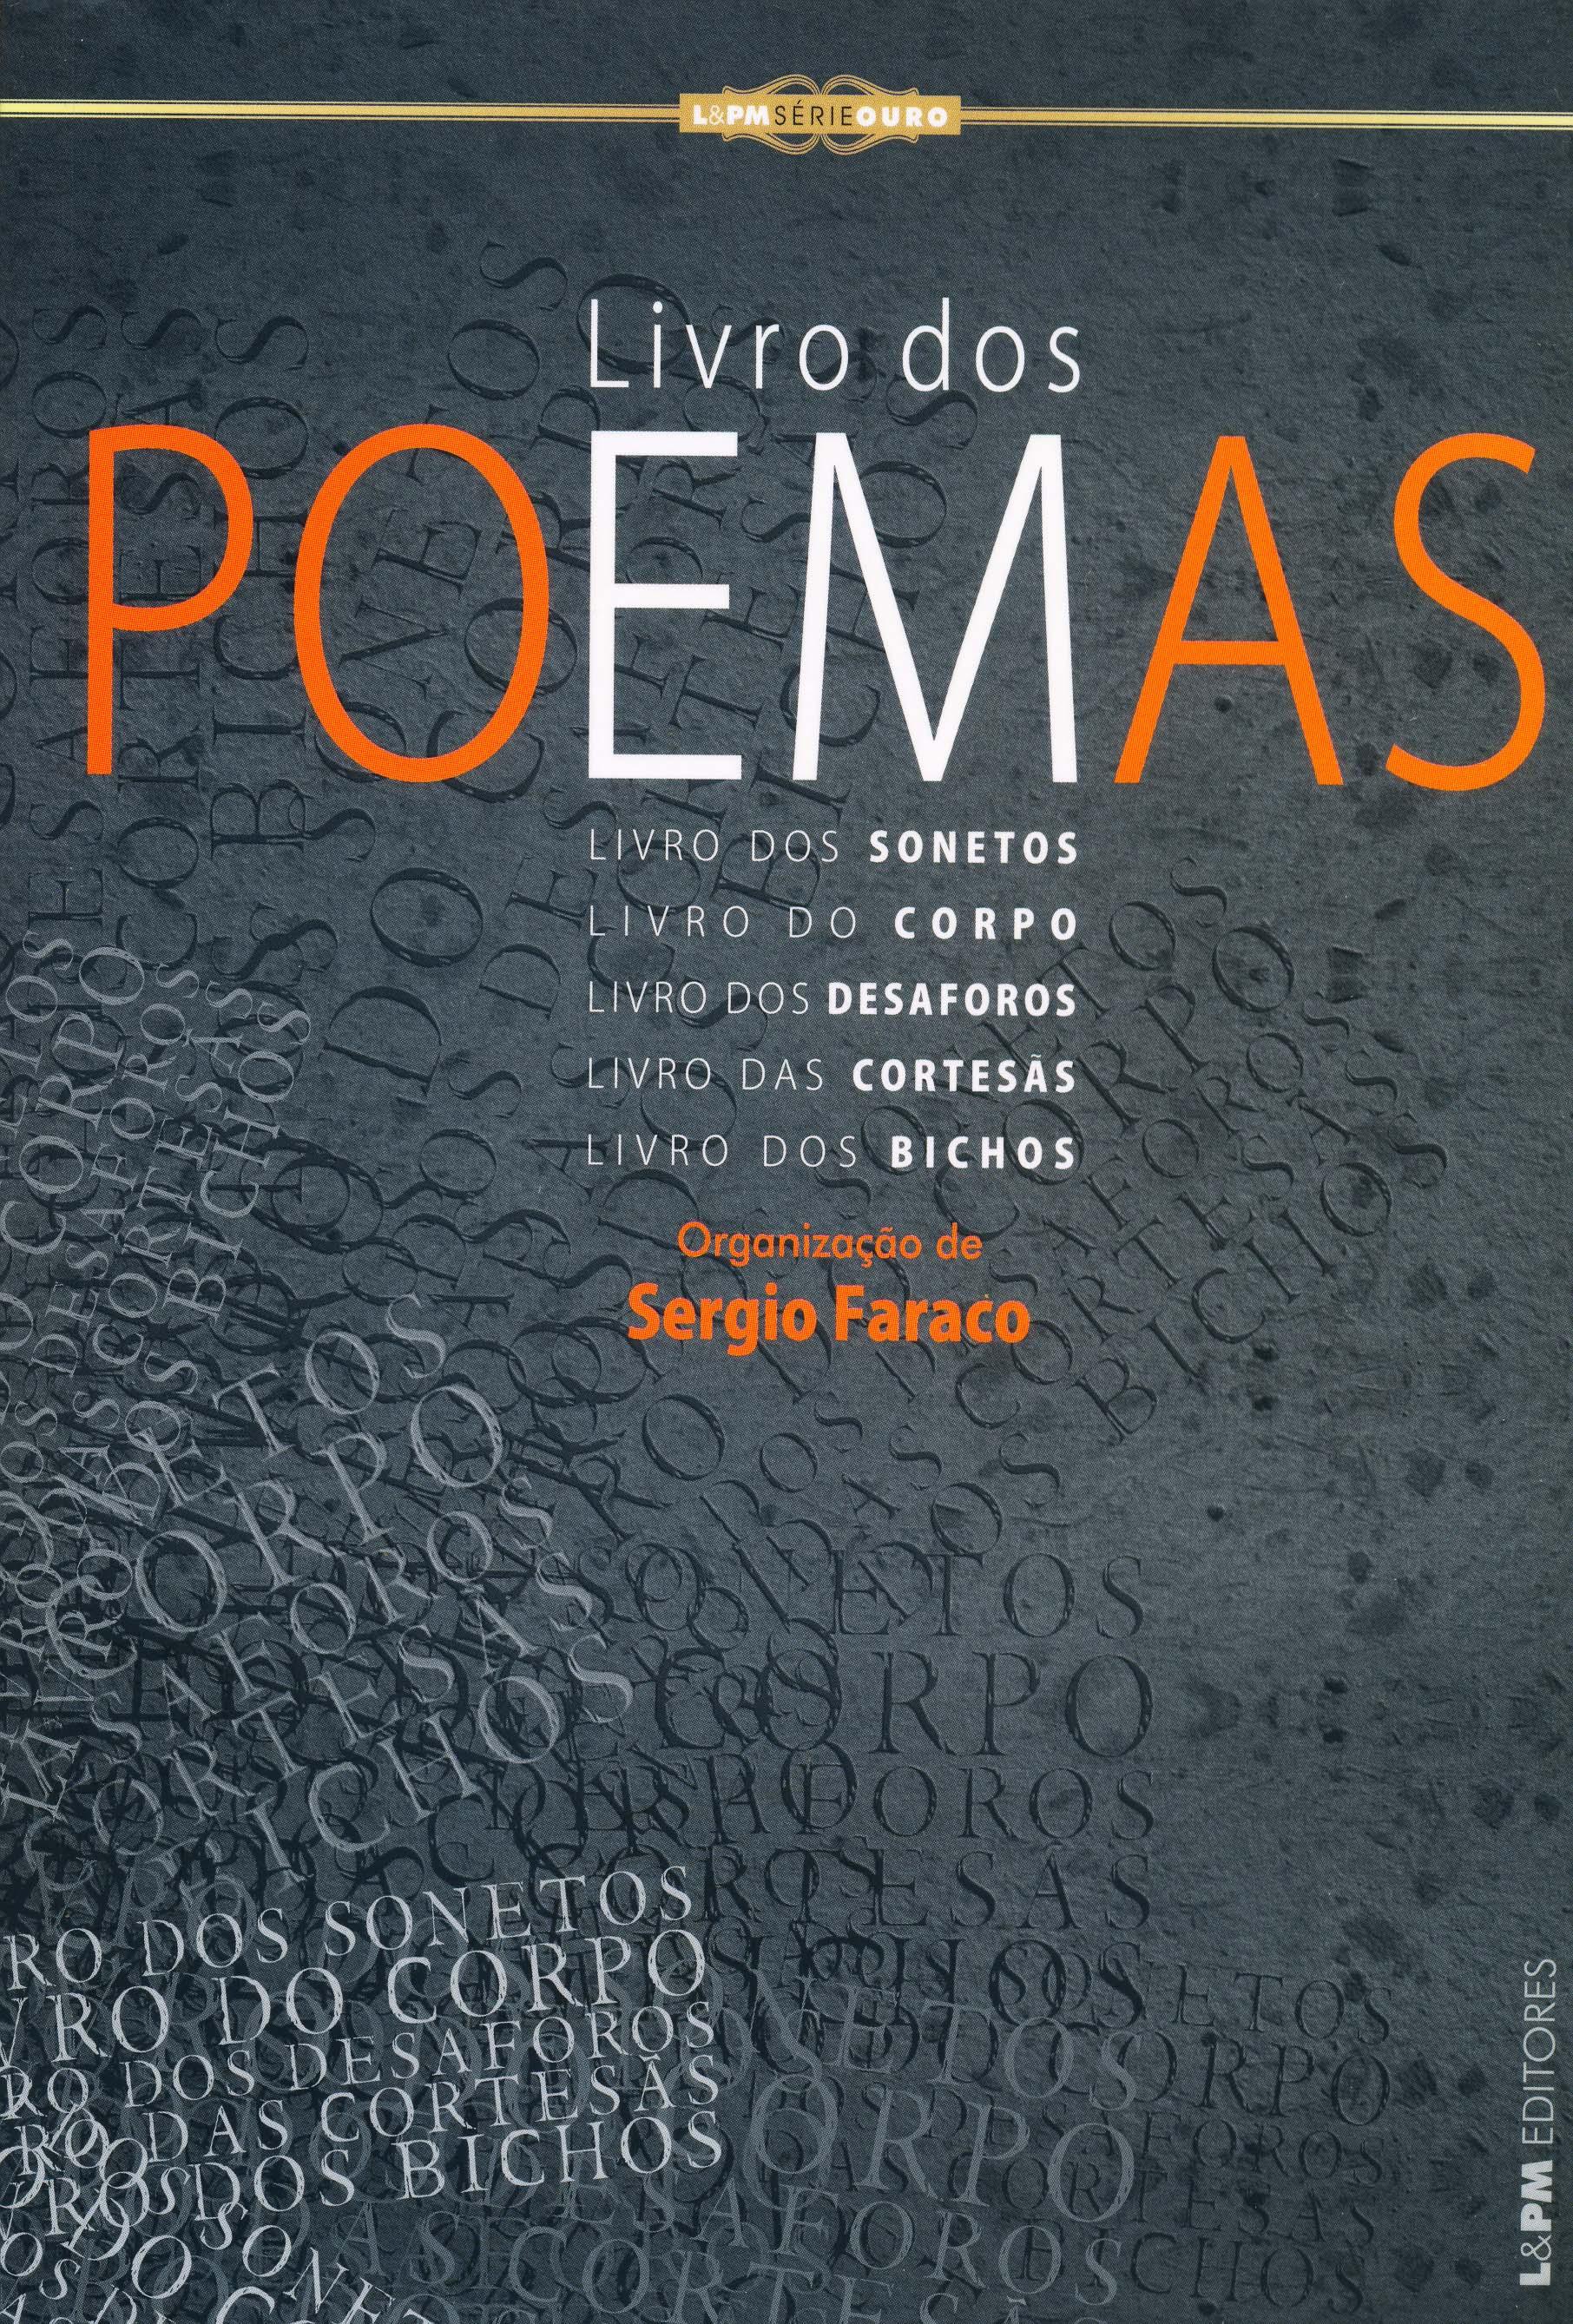 Amado LIVRO DOS POEMAS - SÉRIE OURO - Organização de Sergio Faraco  IR66